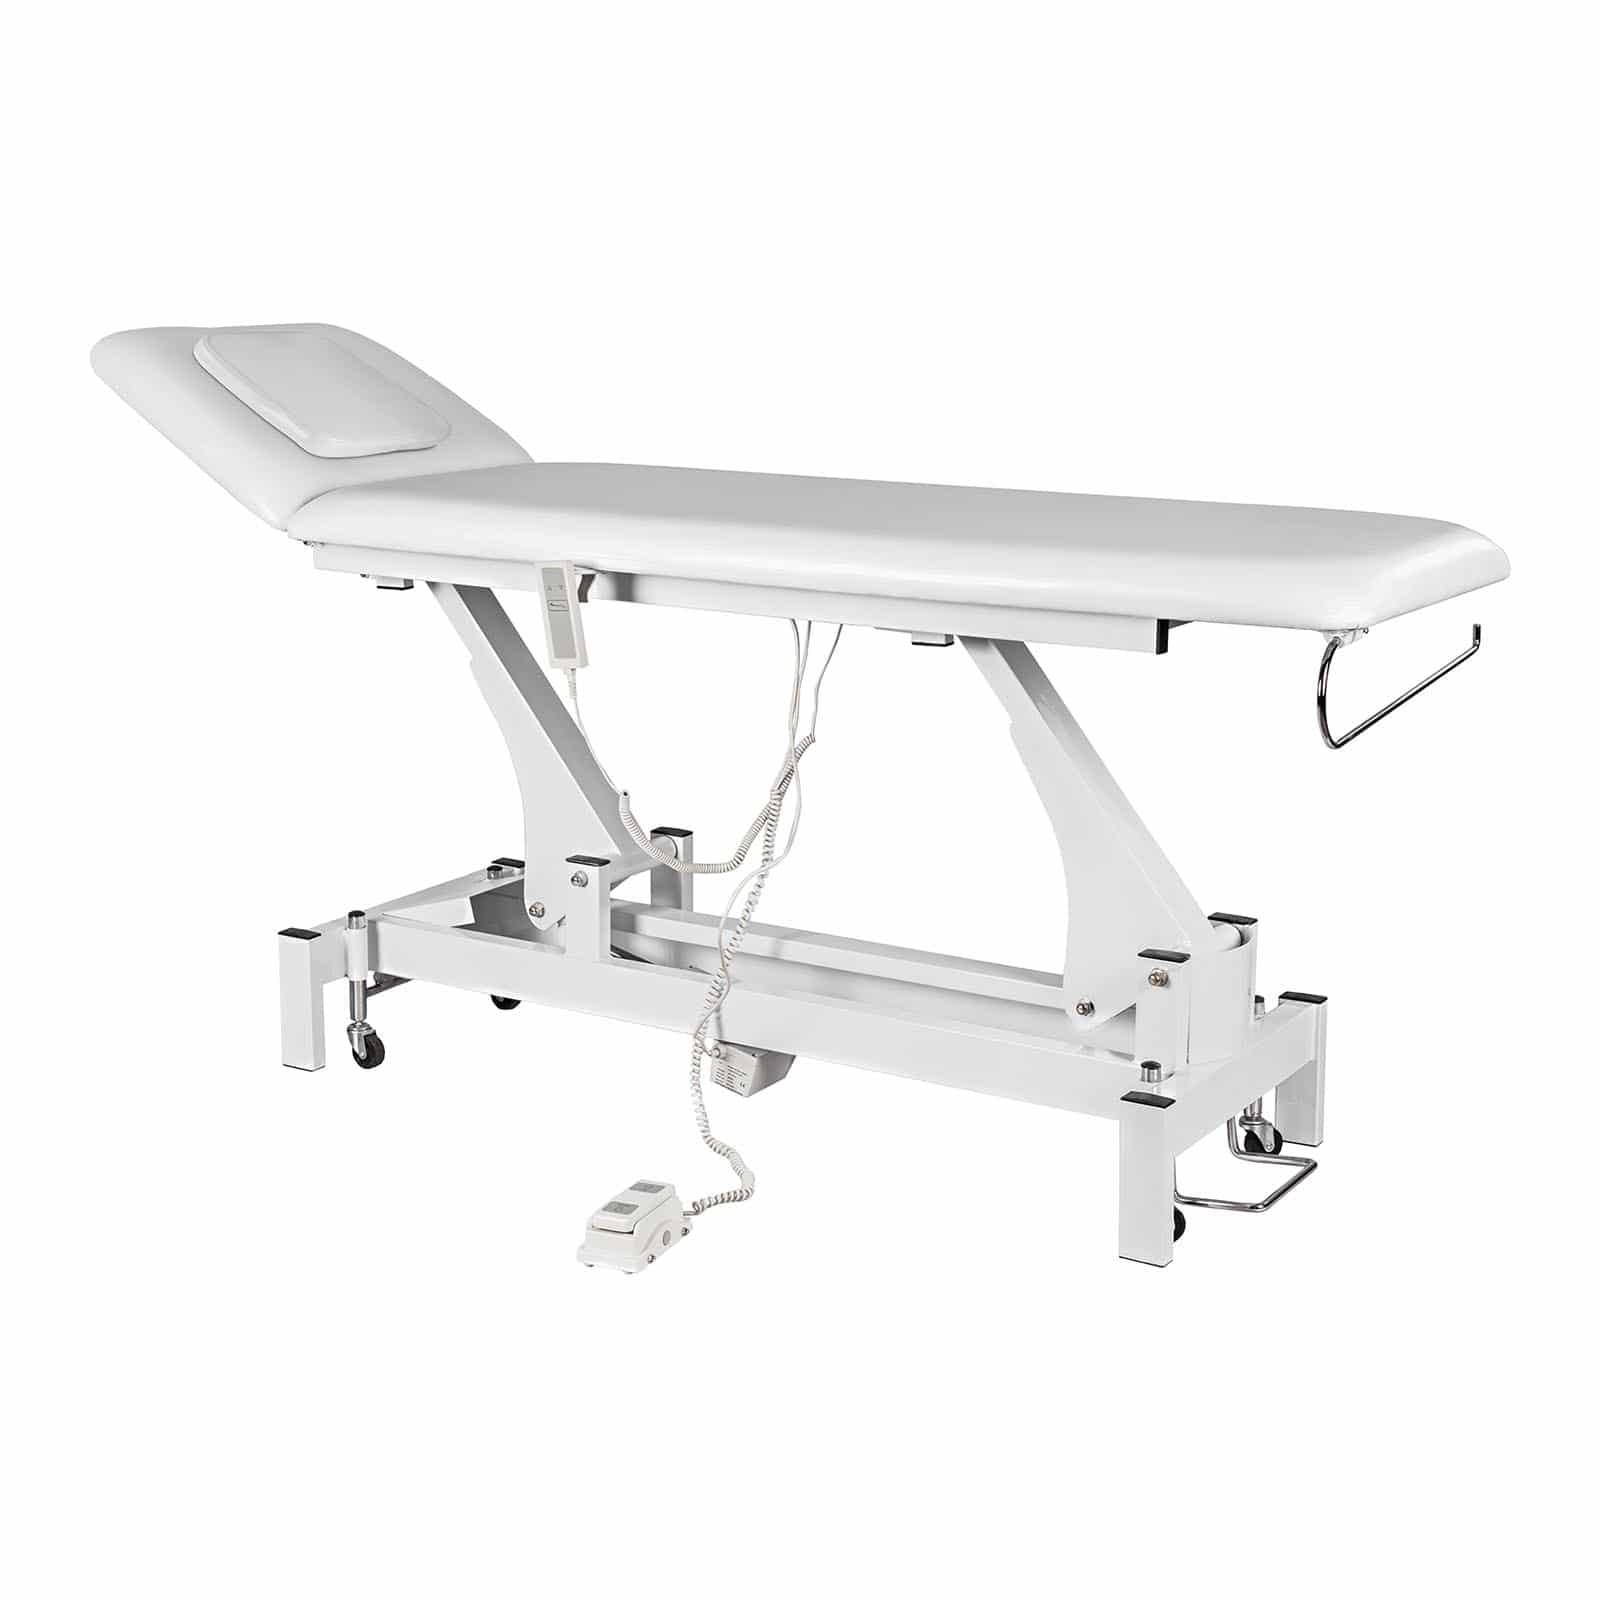 Łóżko kosmetyczne Physa Relaxo - białe